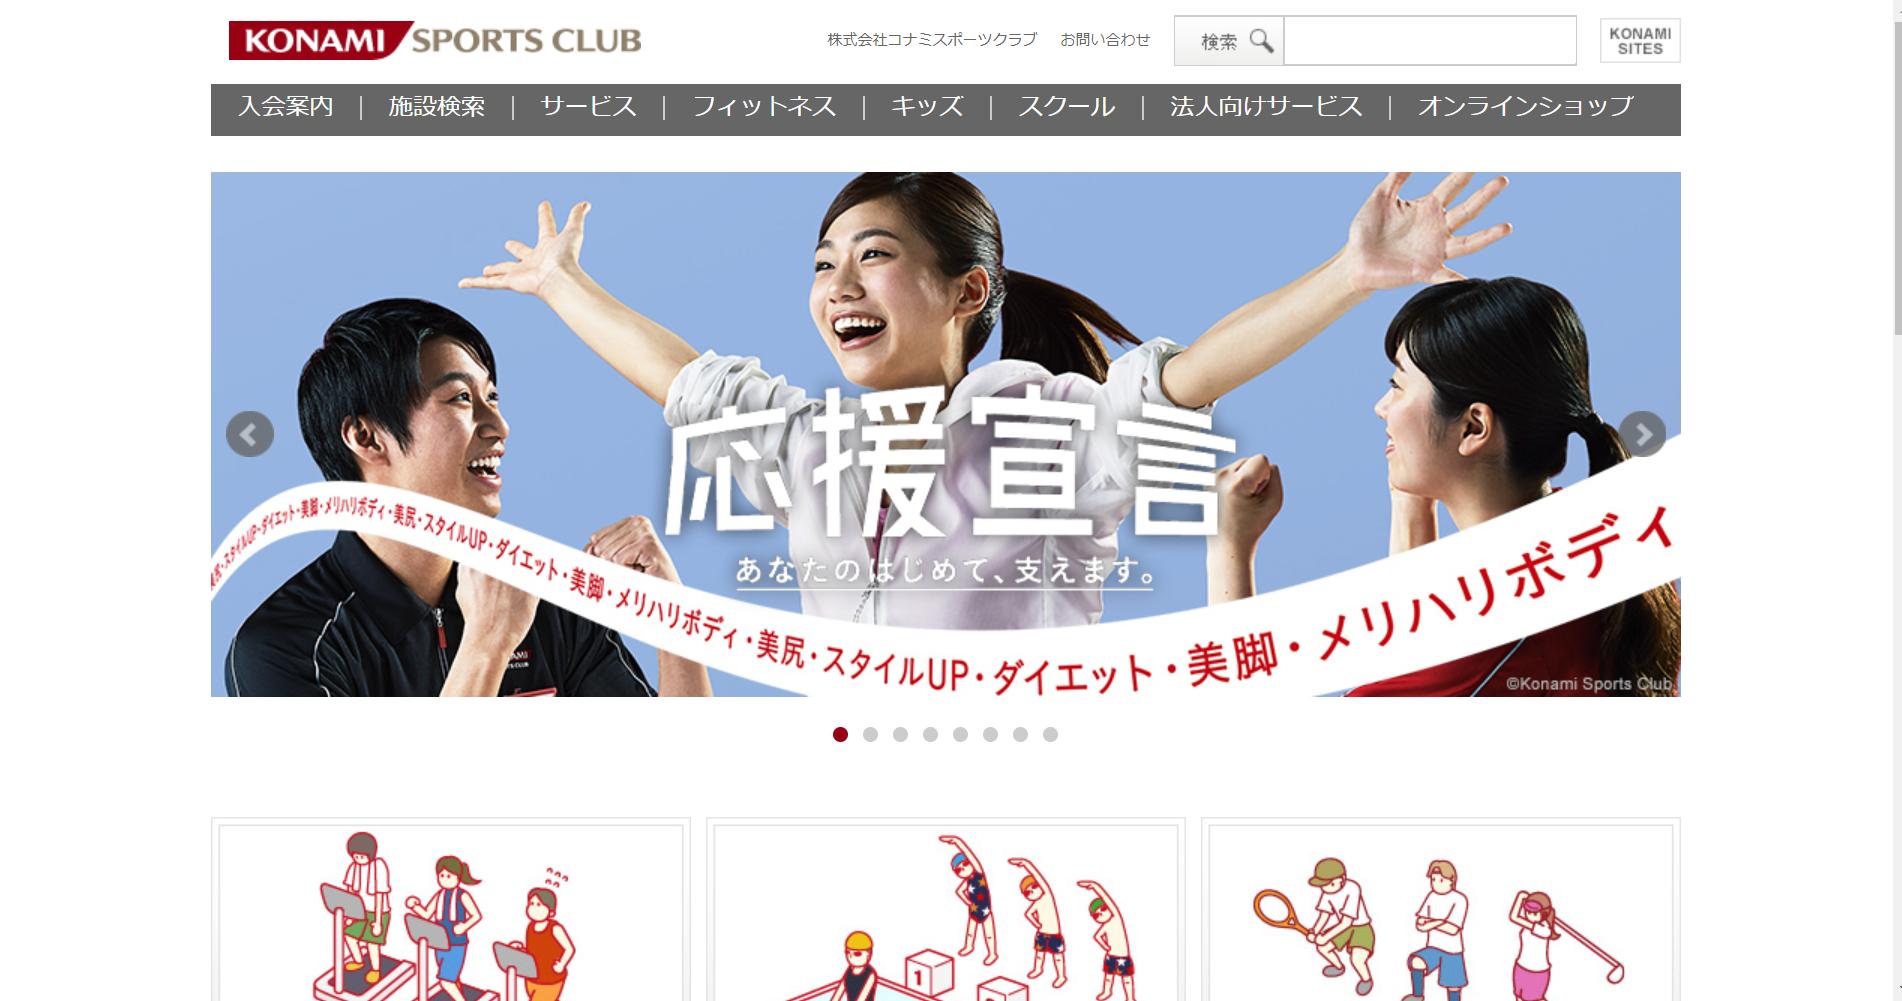 コナミスポーツクラブの評判・口コミ